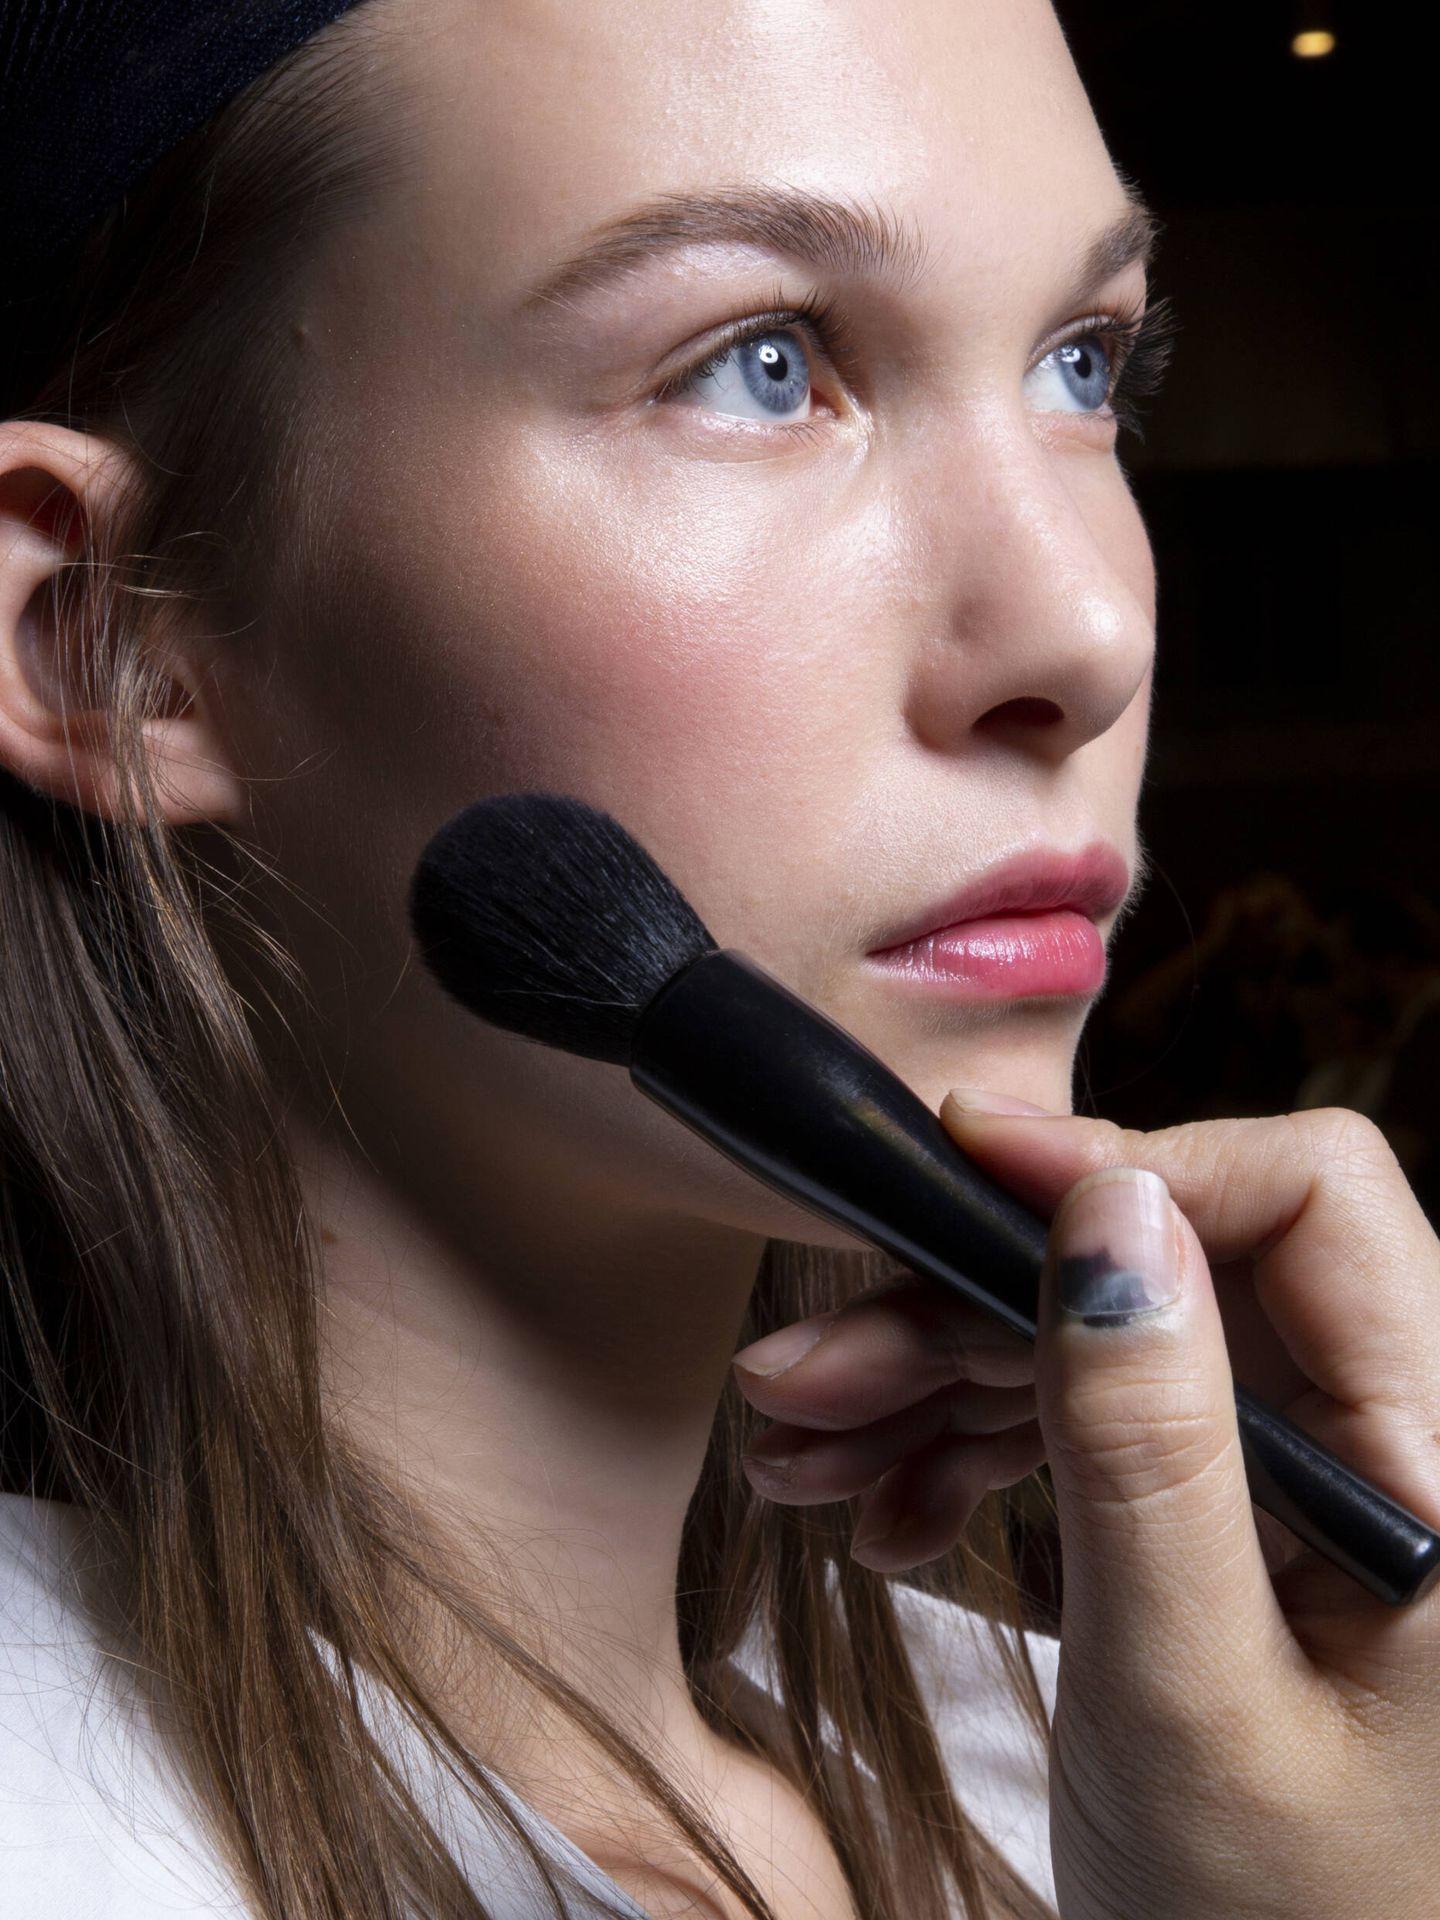 El cepillado a diario de la piel ayuda a mejorar la apariencia de los poros o devolver la luminosidad, entre otros beneficios. (Imaxtree)